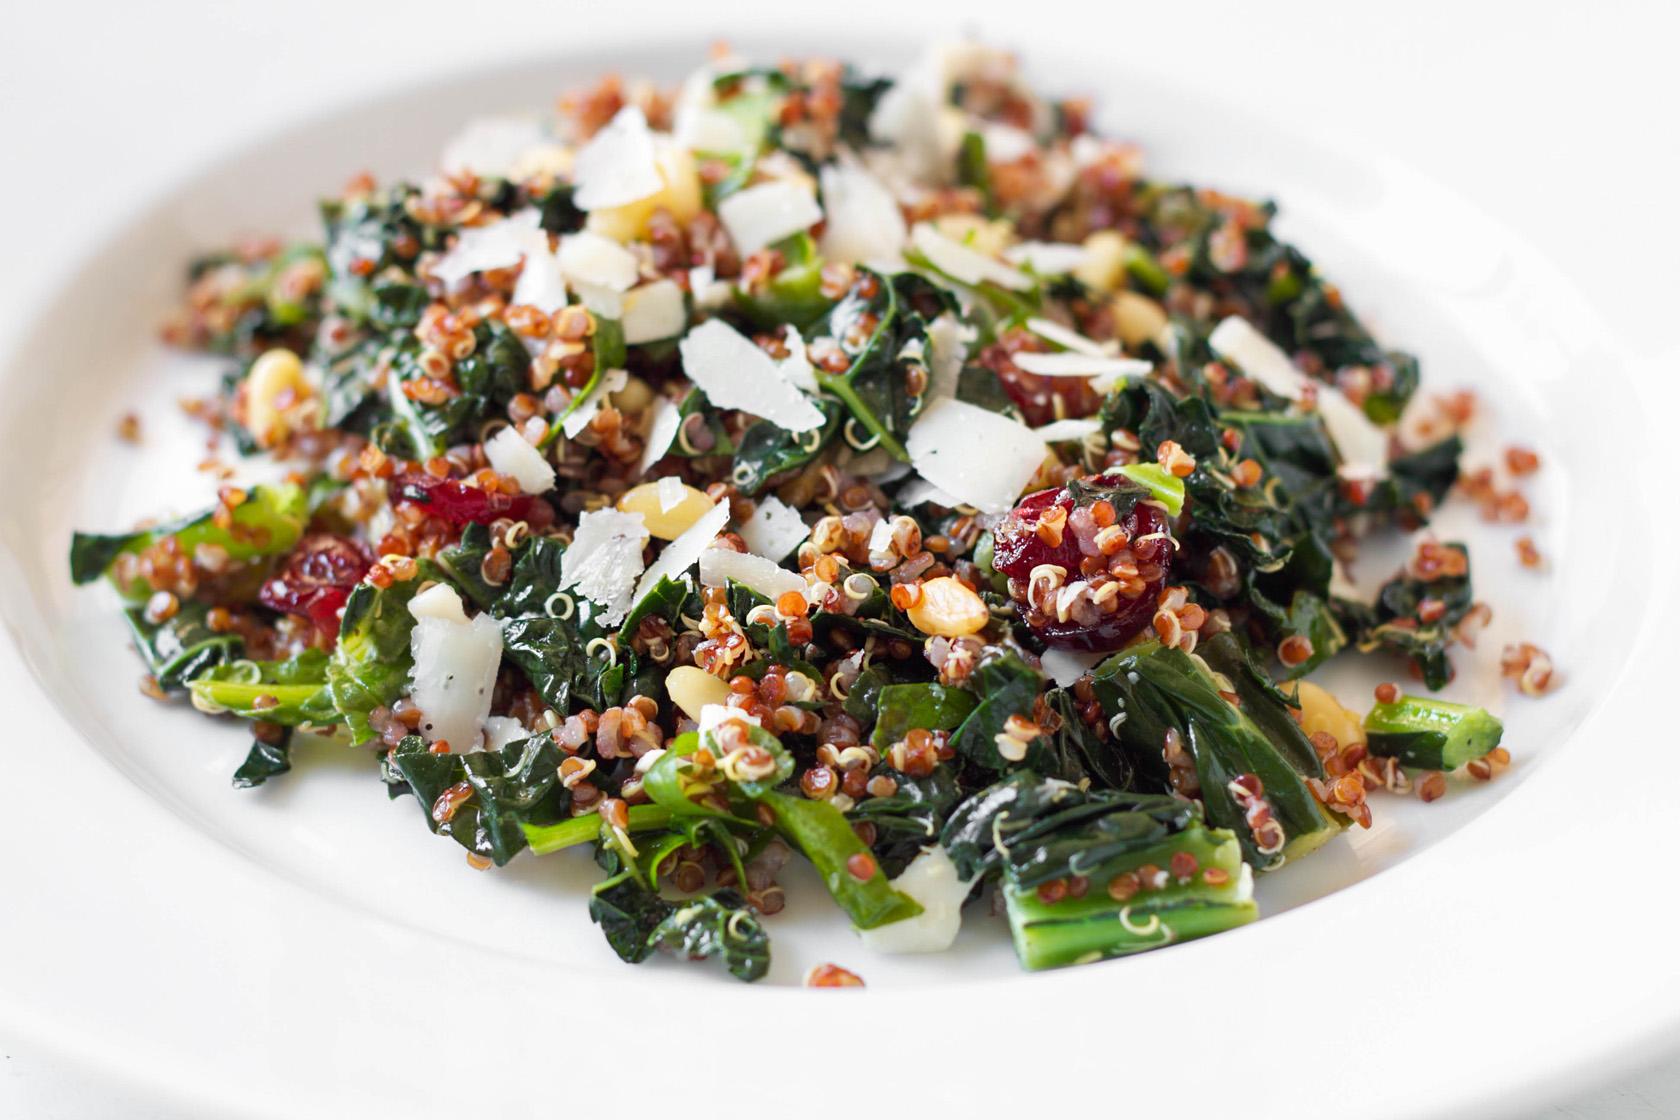 Kale, Spinach and Quinoa Salad with Lemon Vinaigrette